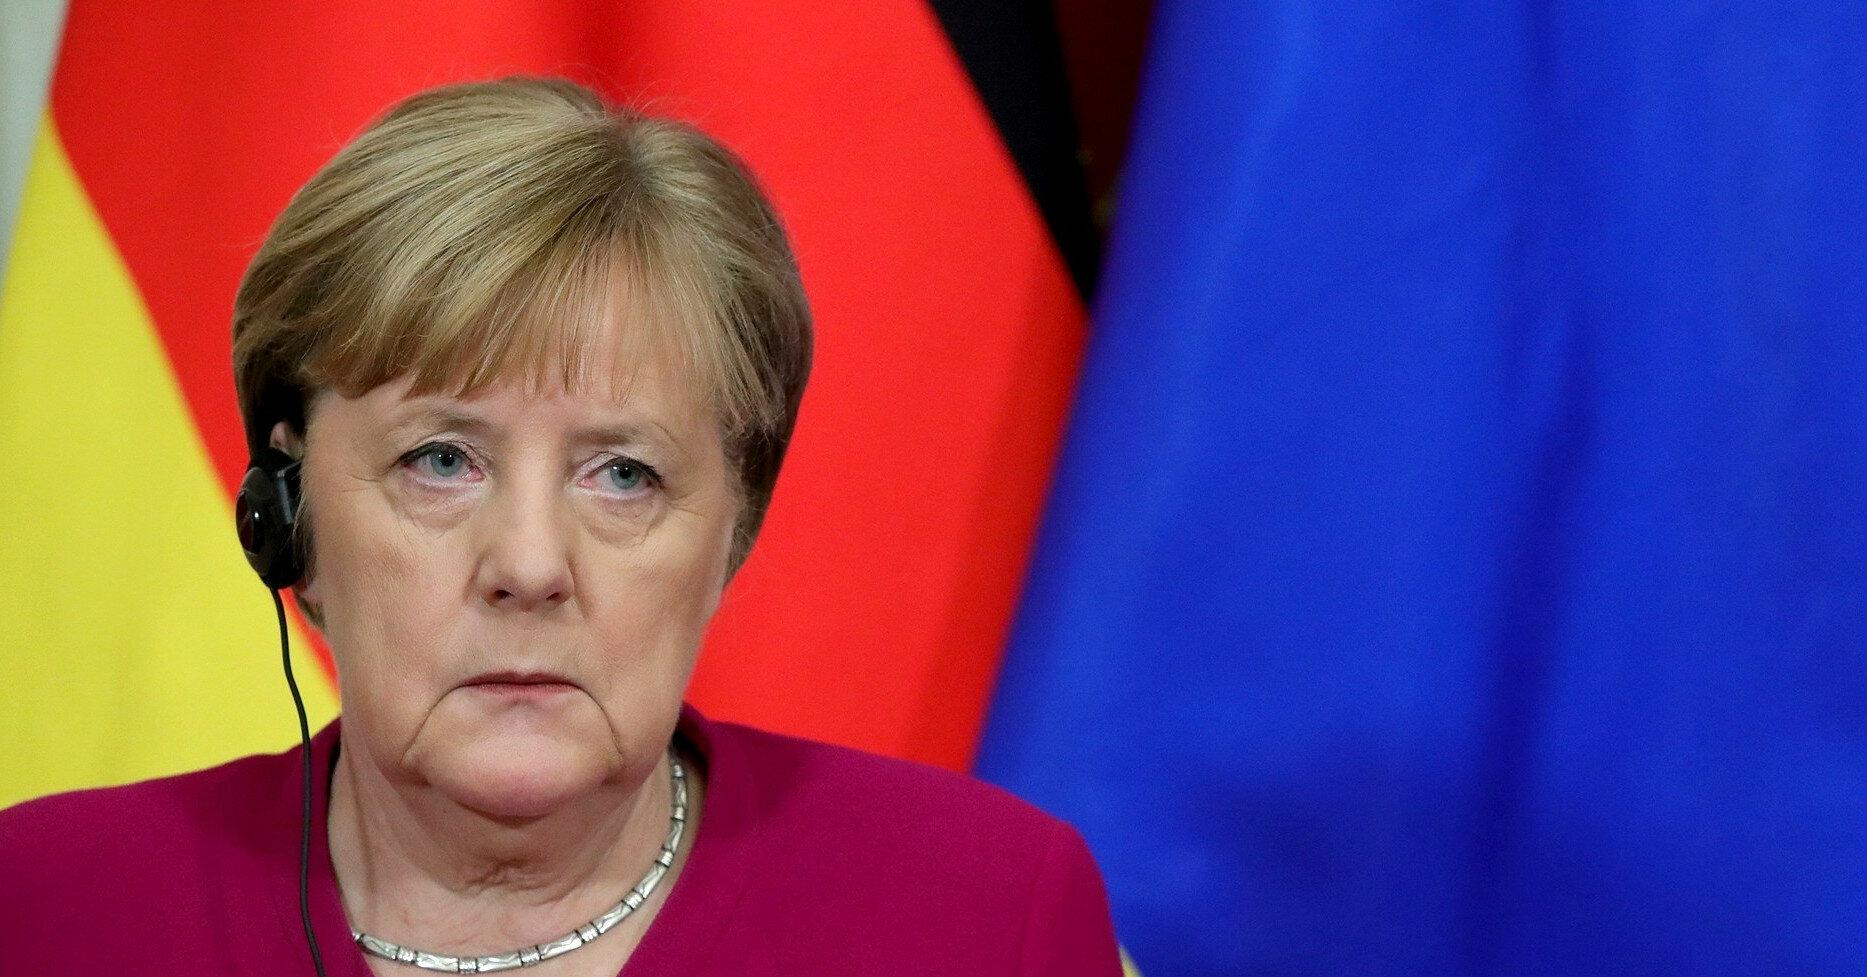 Социал-демократы догнали блок Меркель